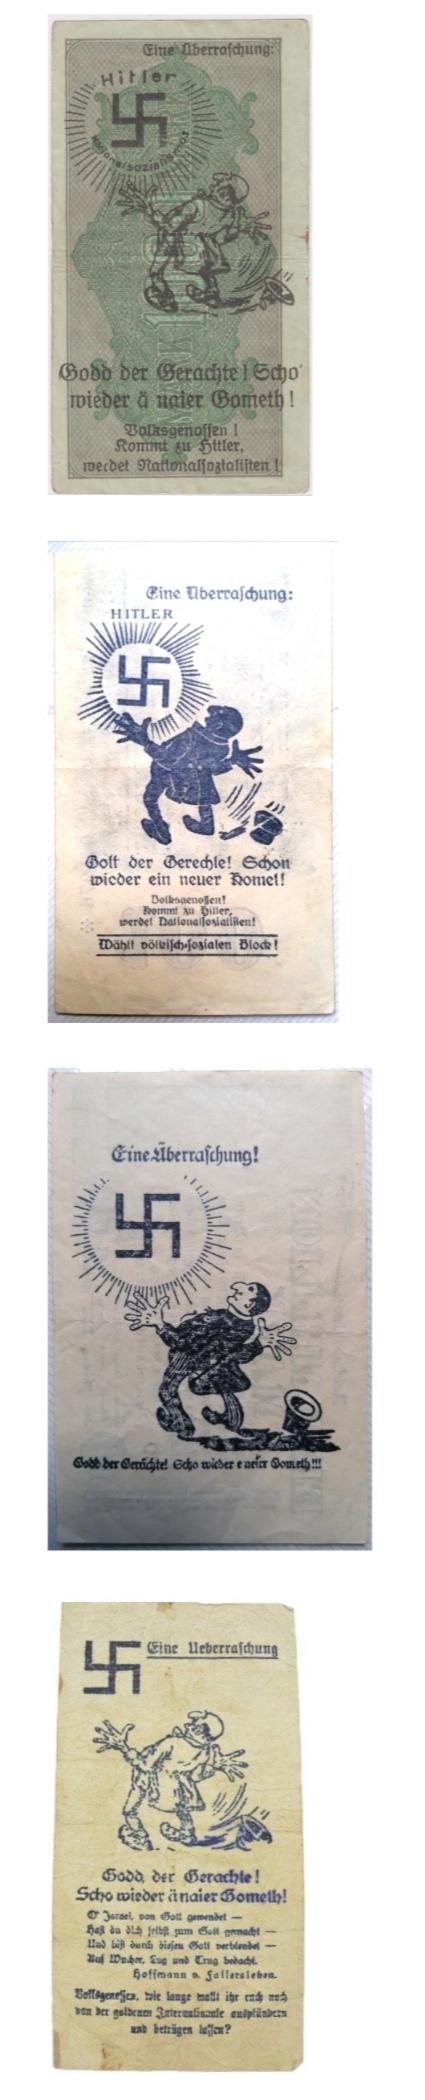 Eine Million Mark 1923 con una sobreimpresión de propaganda virulenta. - Página 3 Screen28